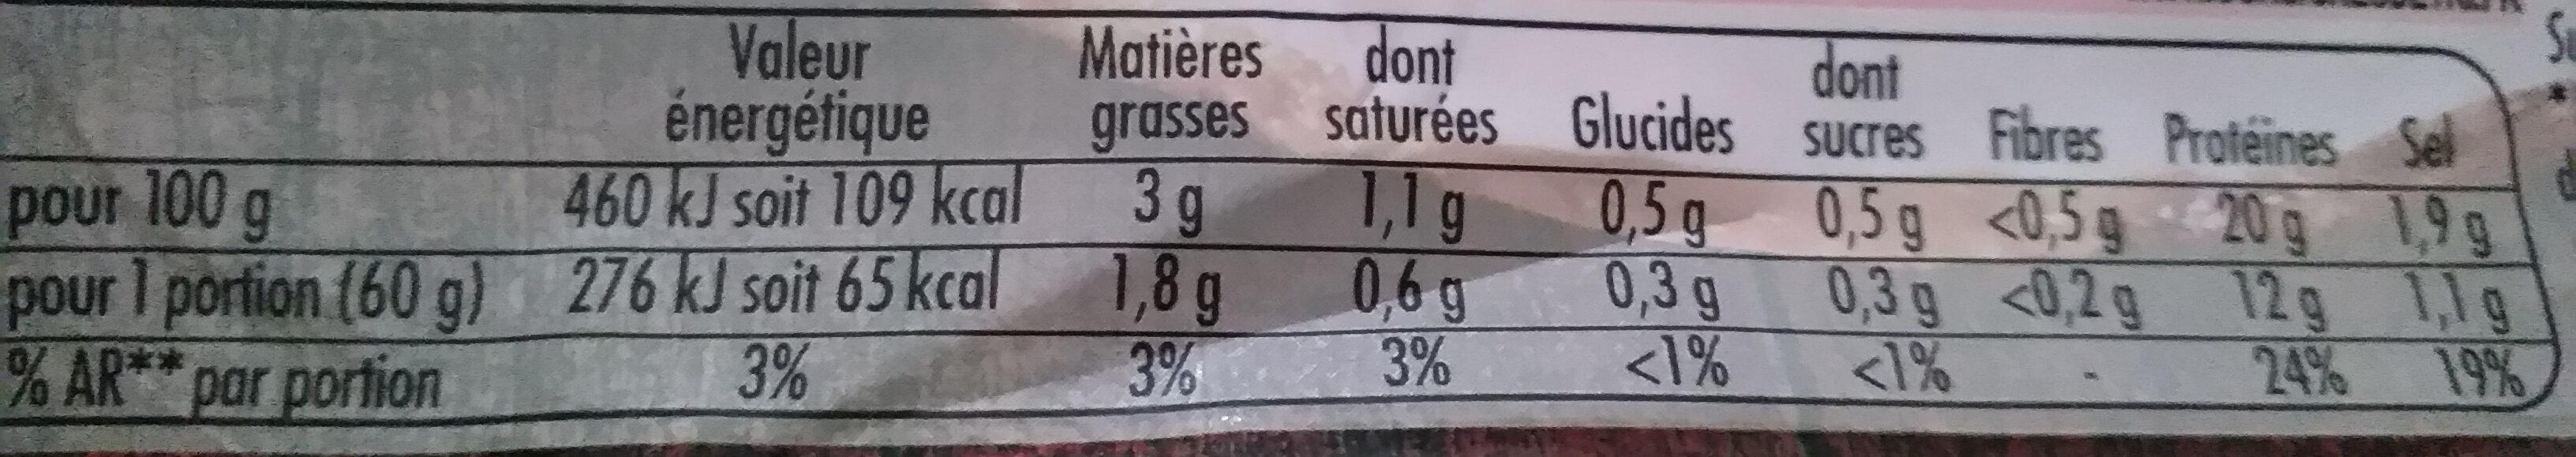 Jambon cuit à la broche - Nutrition facts - fr